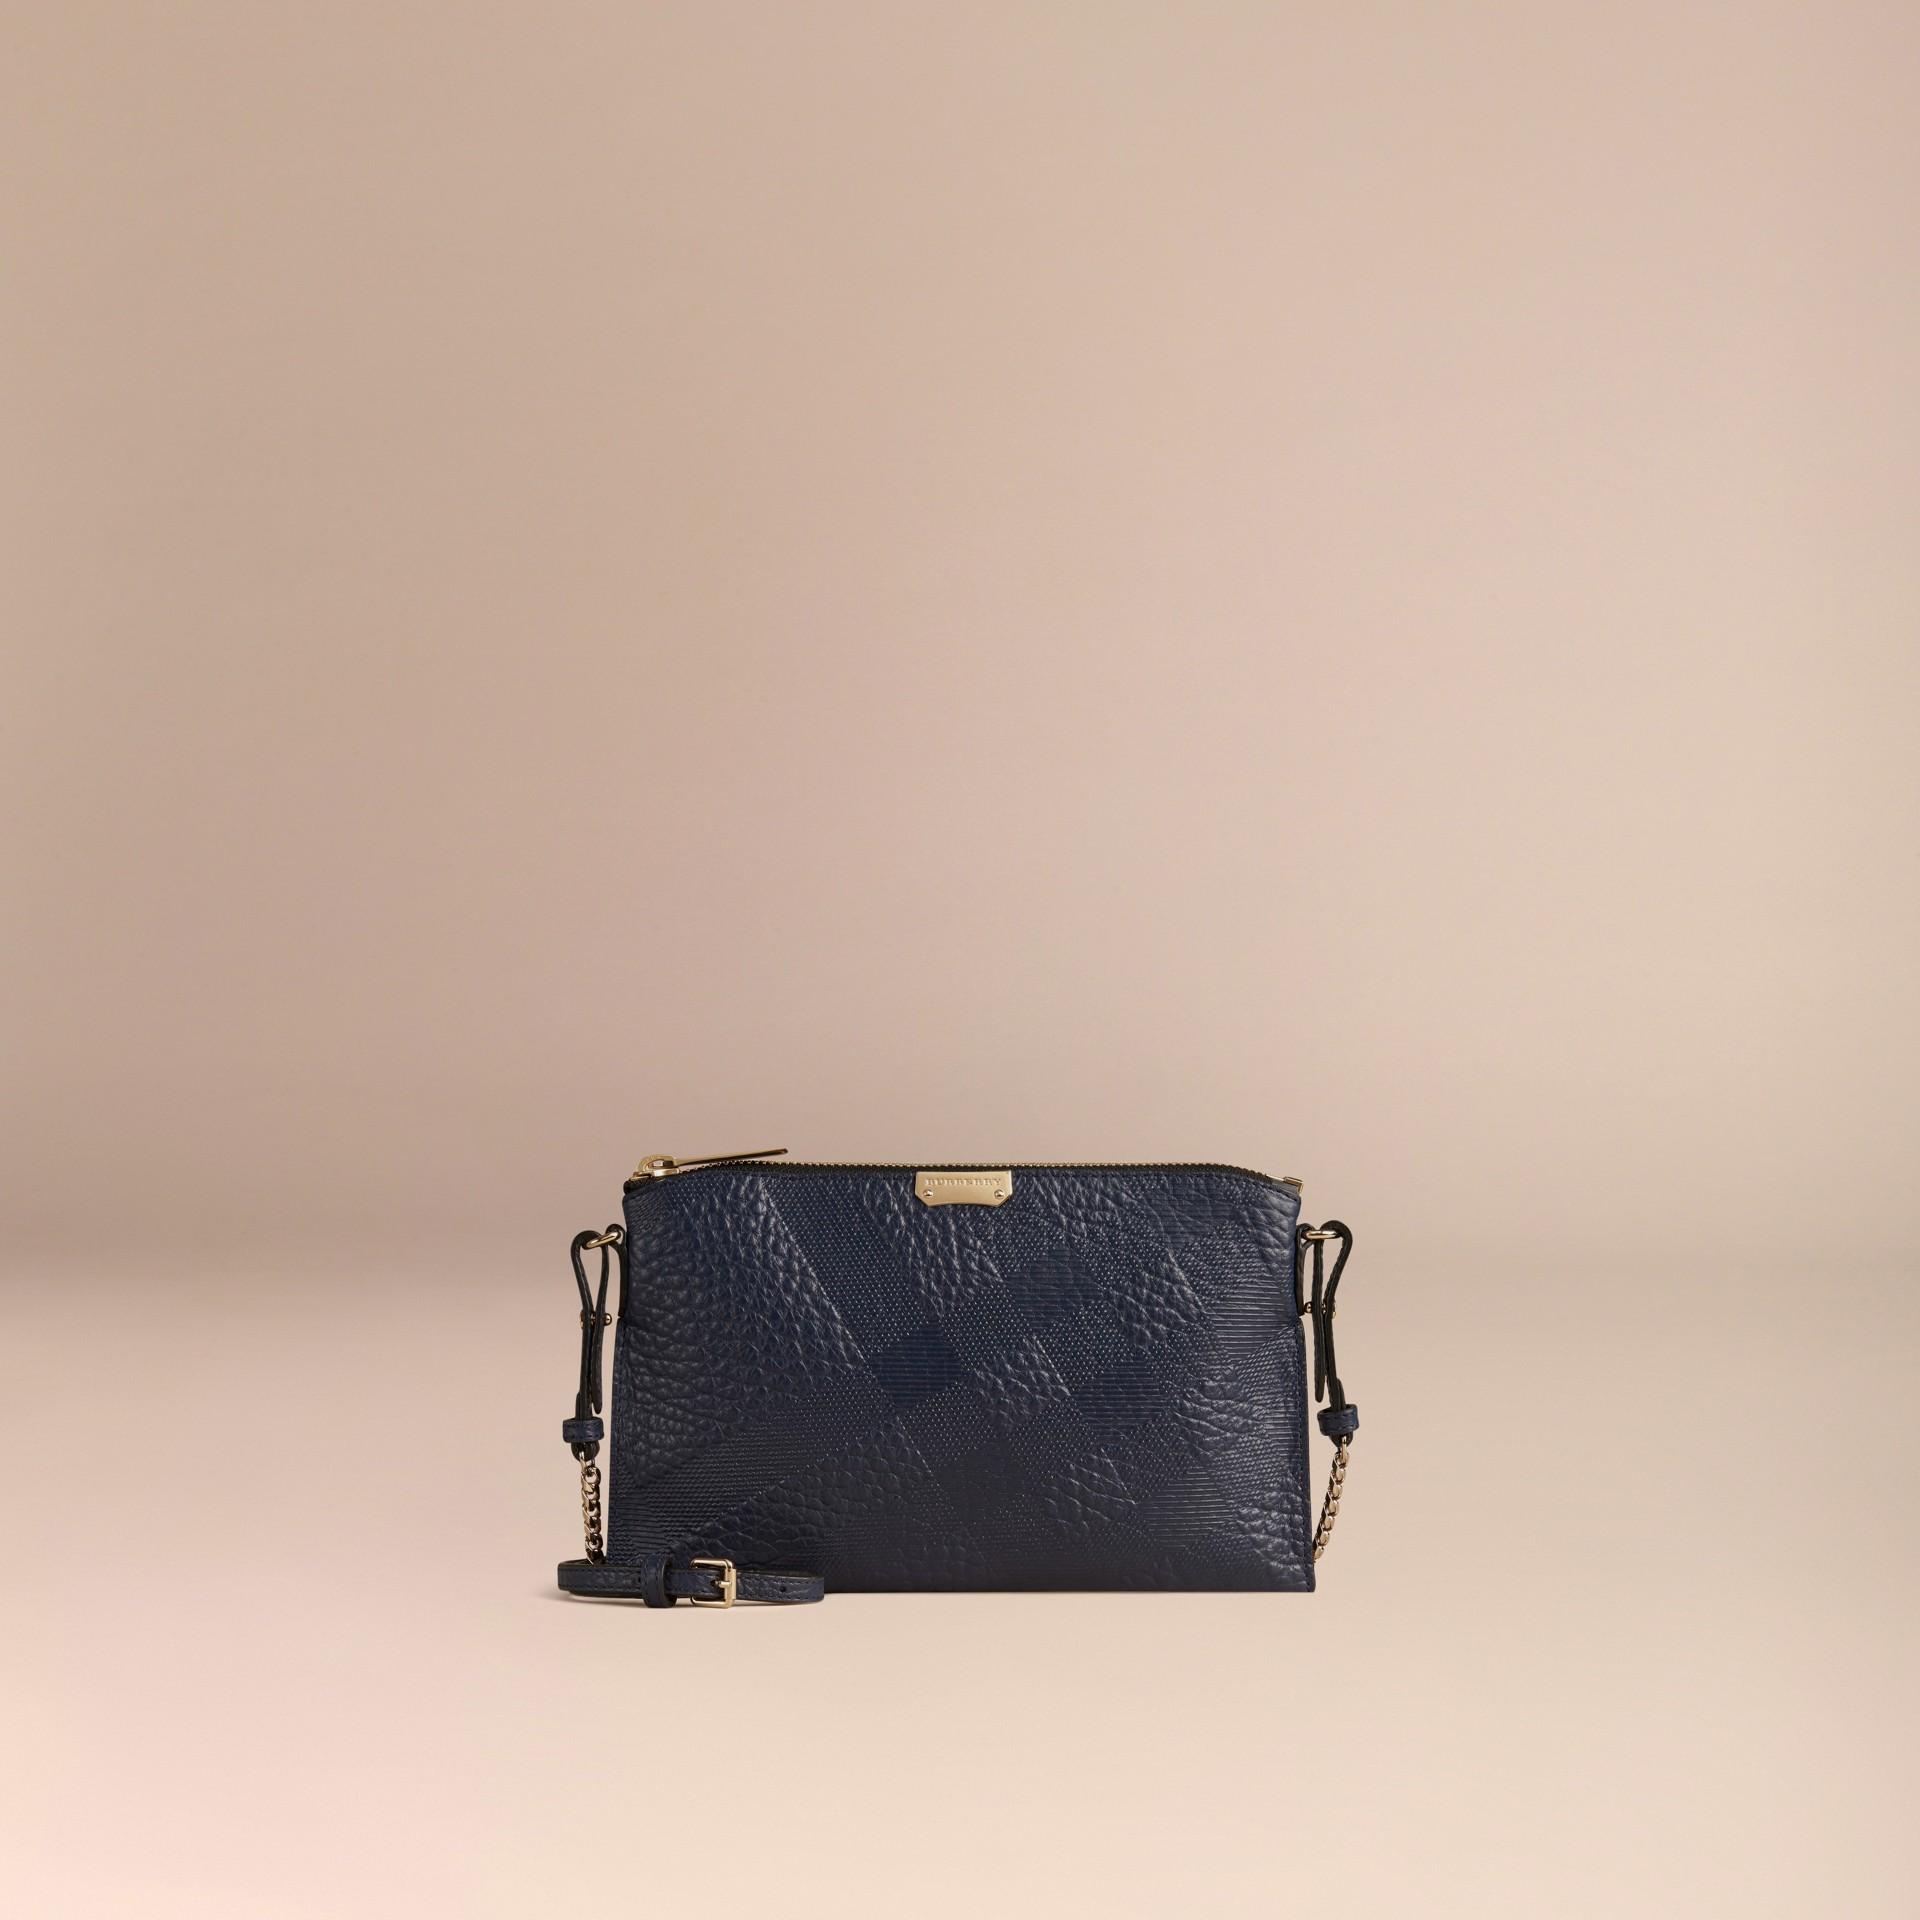 Blu carbonio Pochette in pelle con motivo check in rilievo Blu Carbonio - immagine della galleria 7